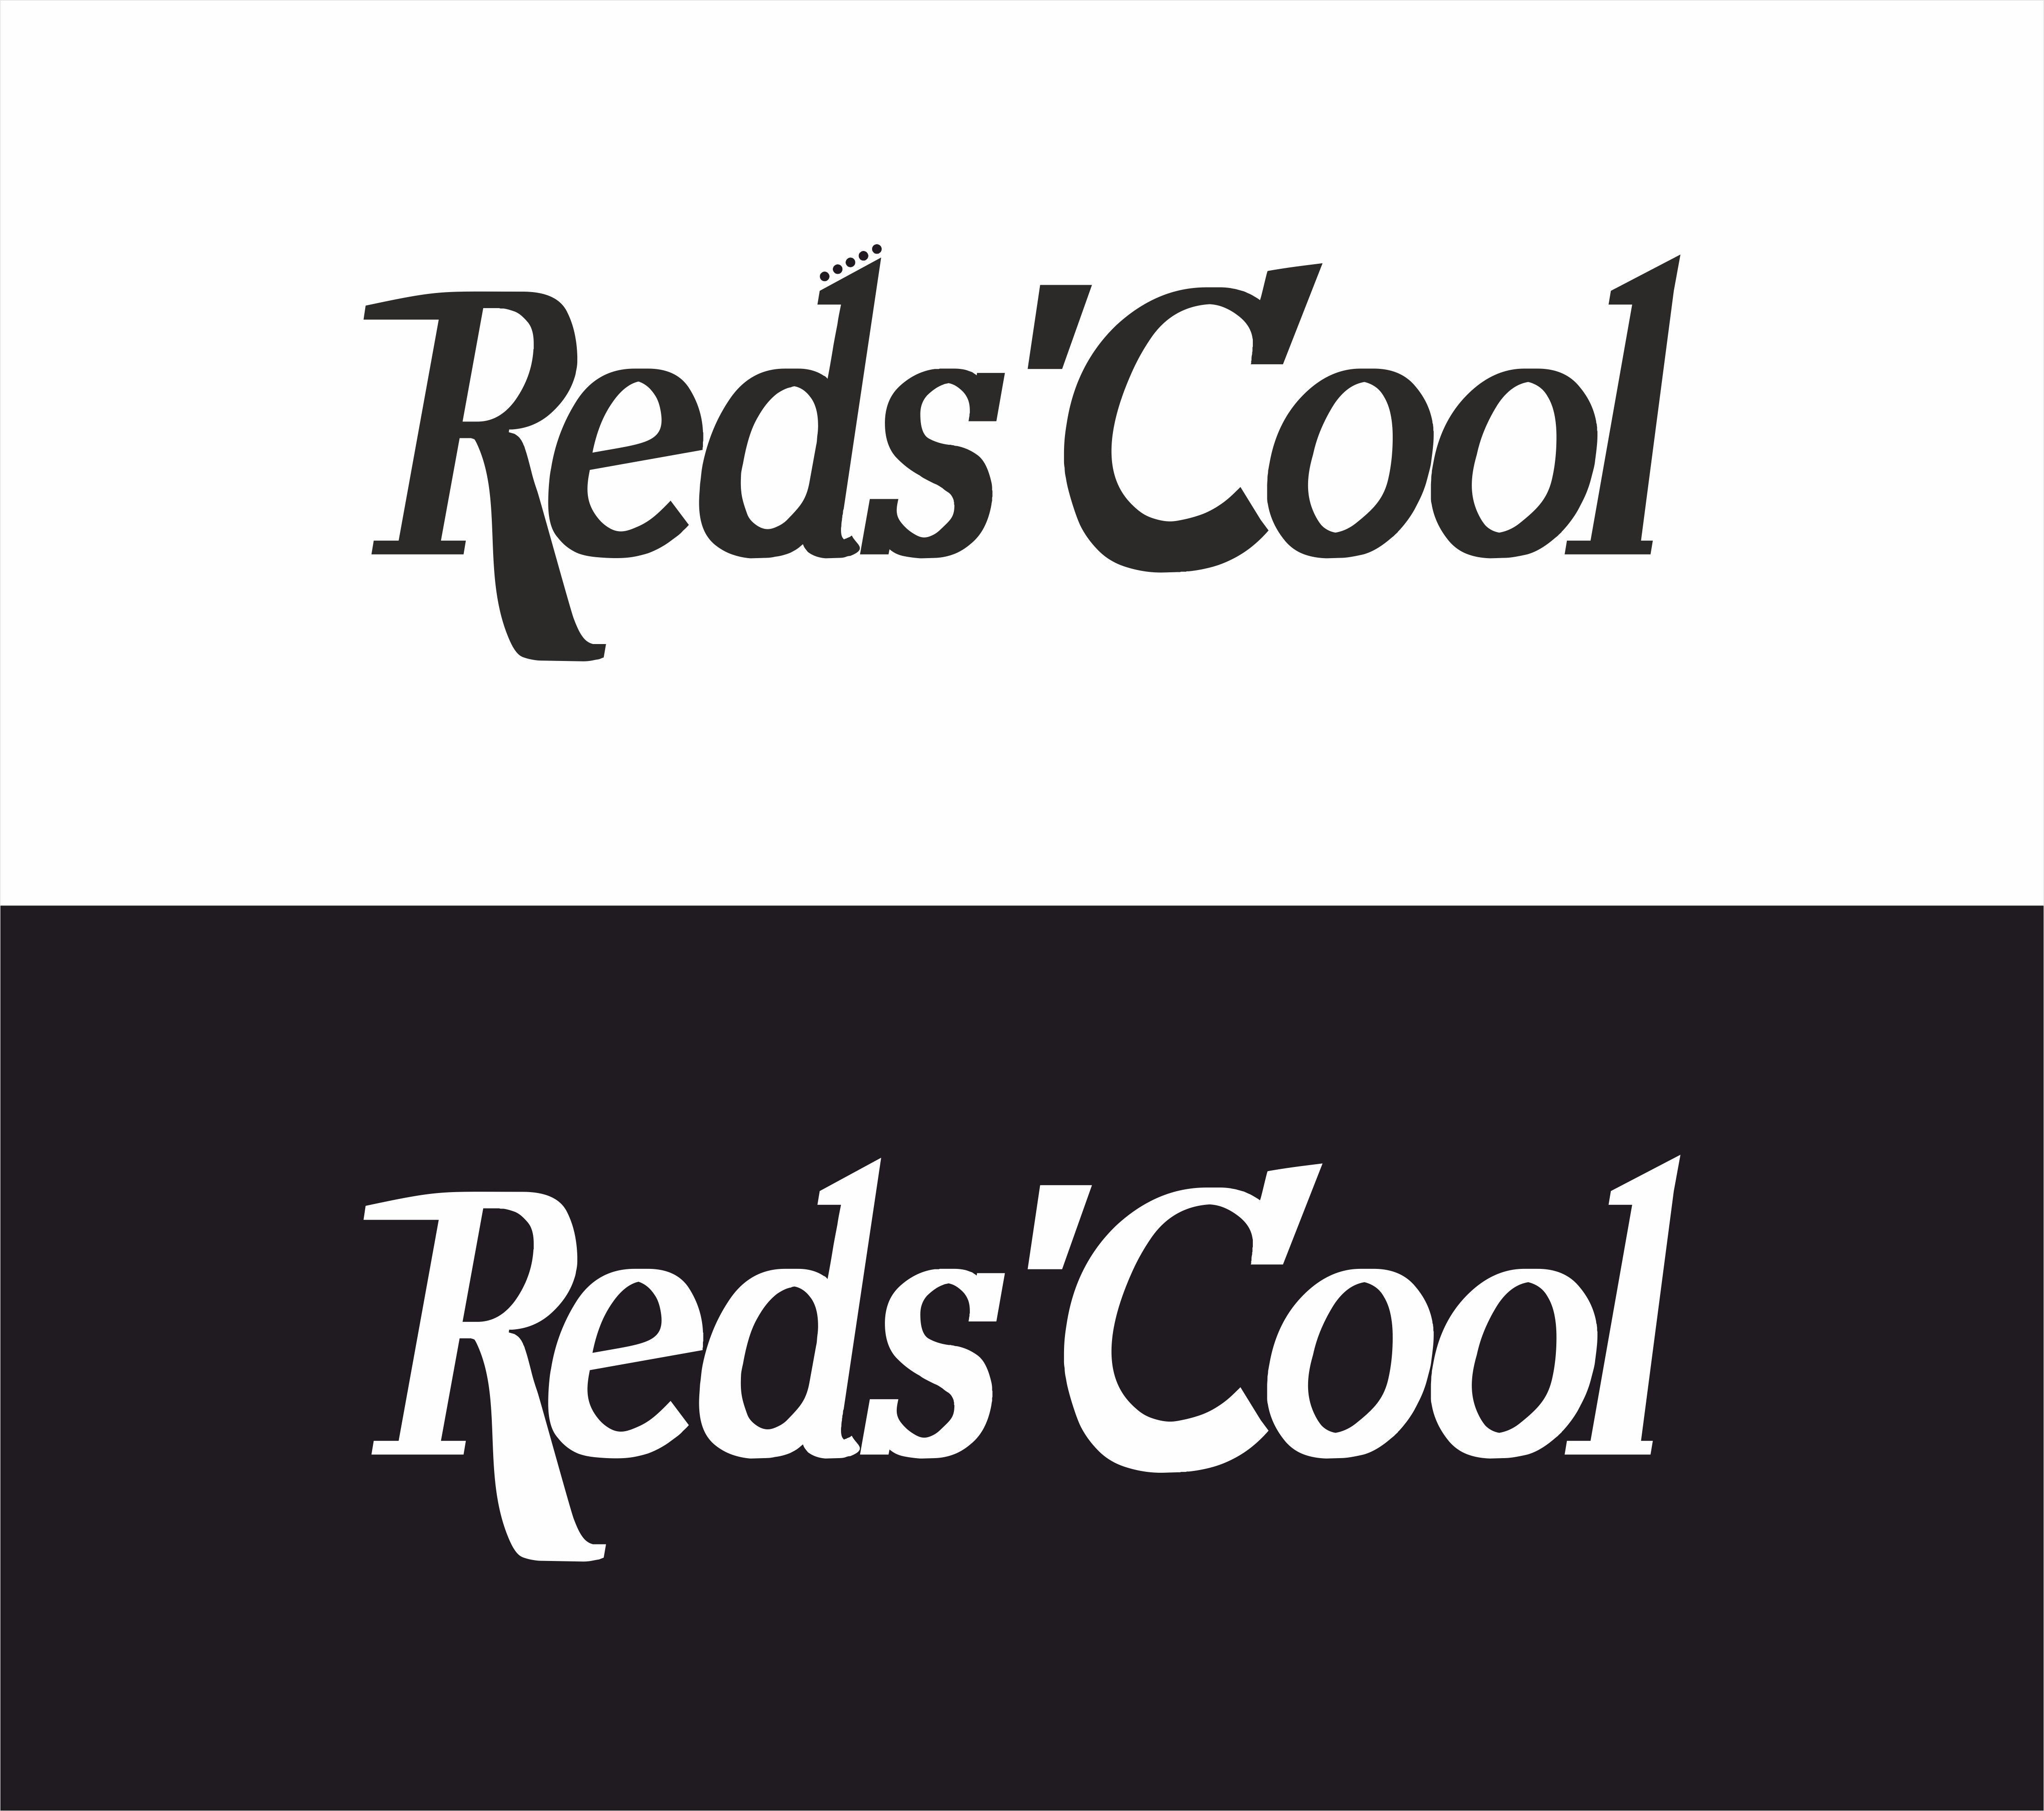 Логотип для музыкальной группы фото f_4335a4f4034e28c8.jpg